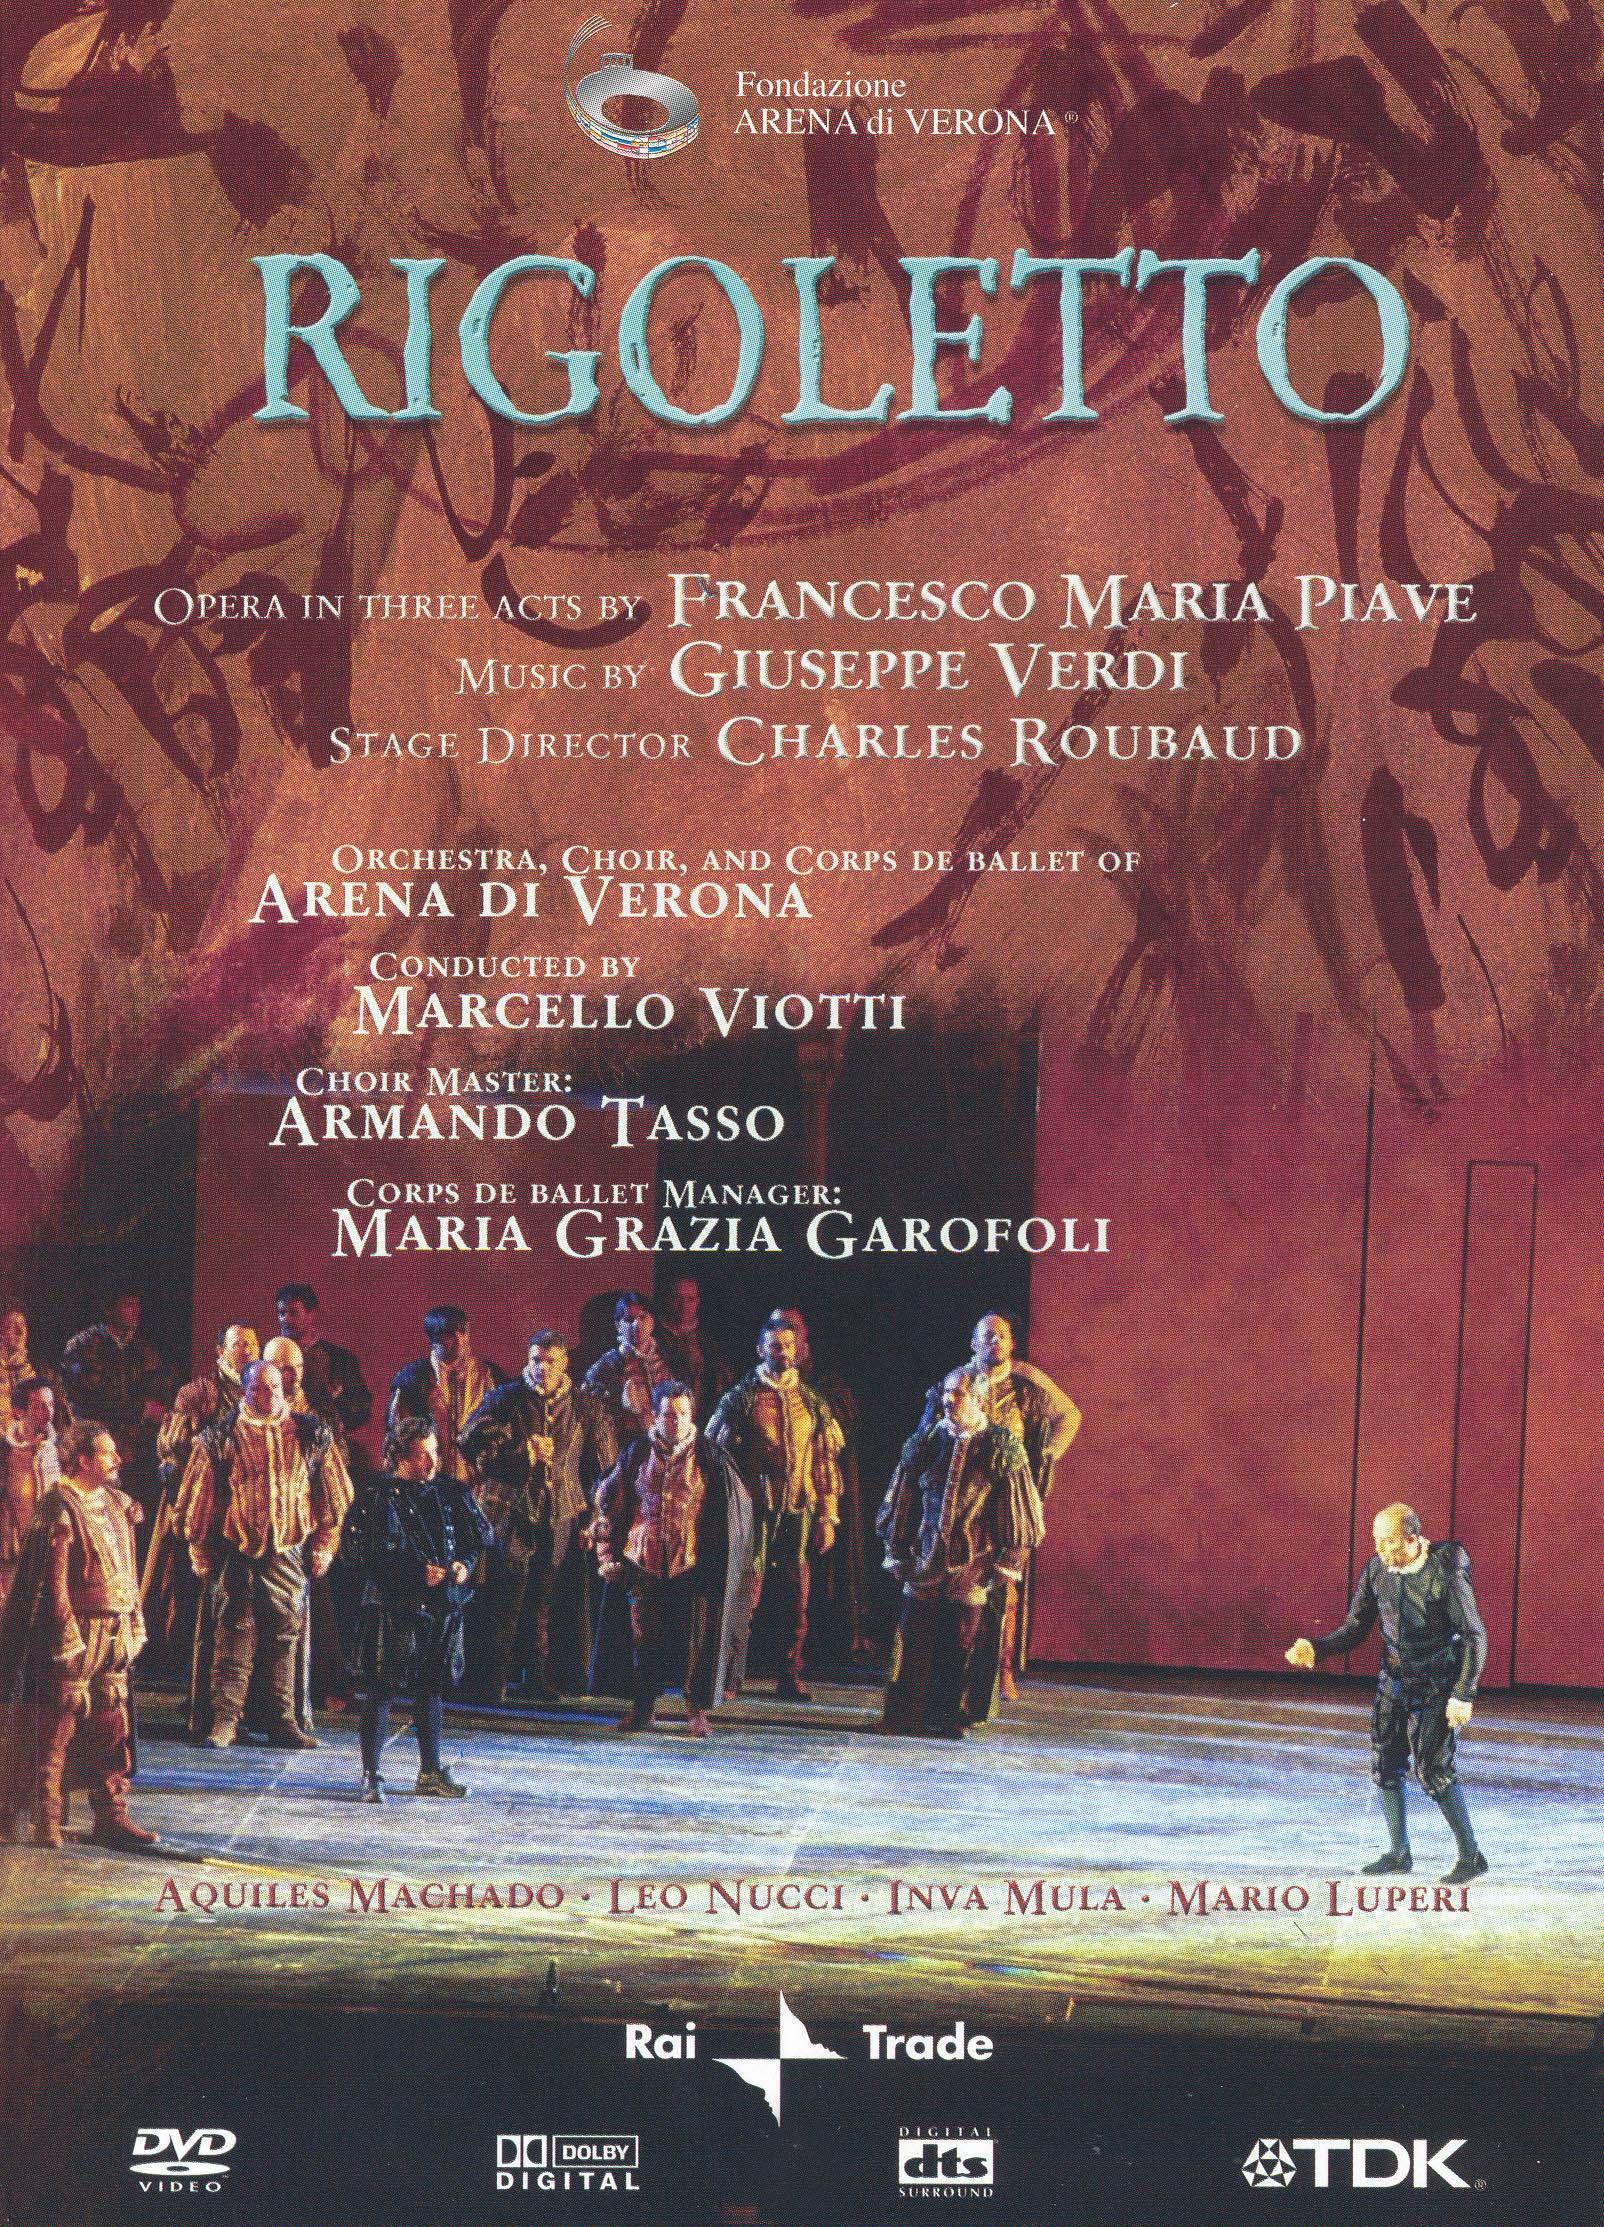 Rigoletto (Arena di Verona)